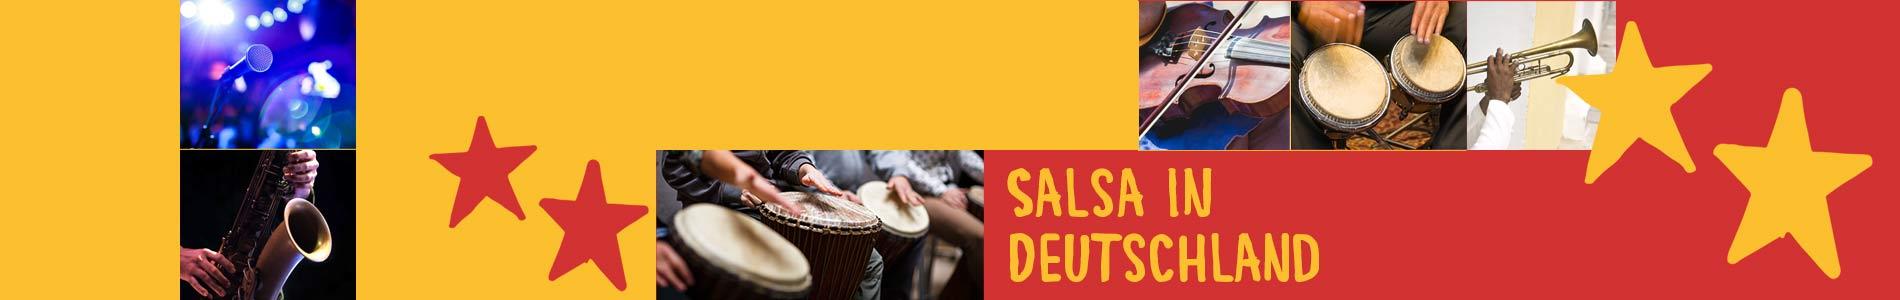 Salsa in Bubesheim – Salsa lernen und tanzen, Tanzkurse, Partys, Veranstaltungen